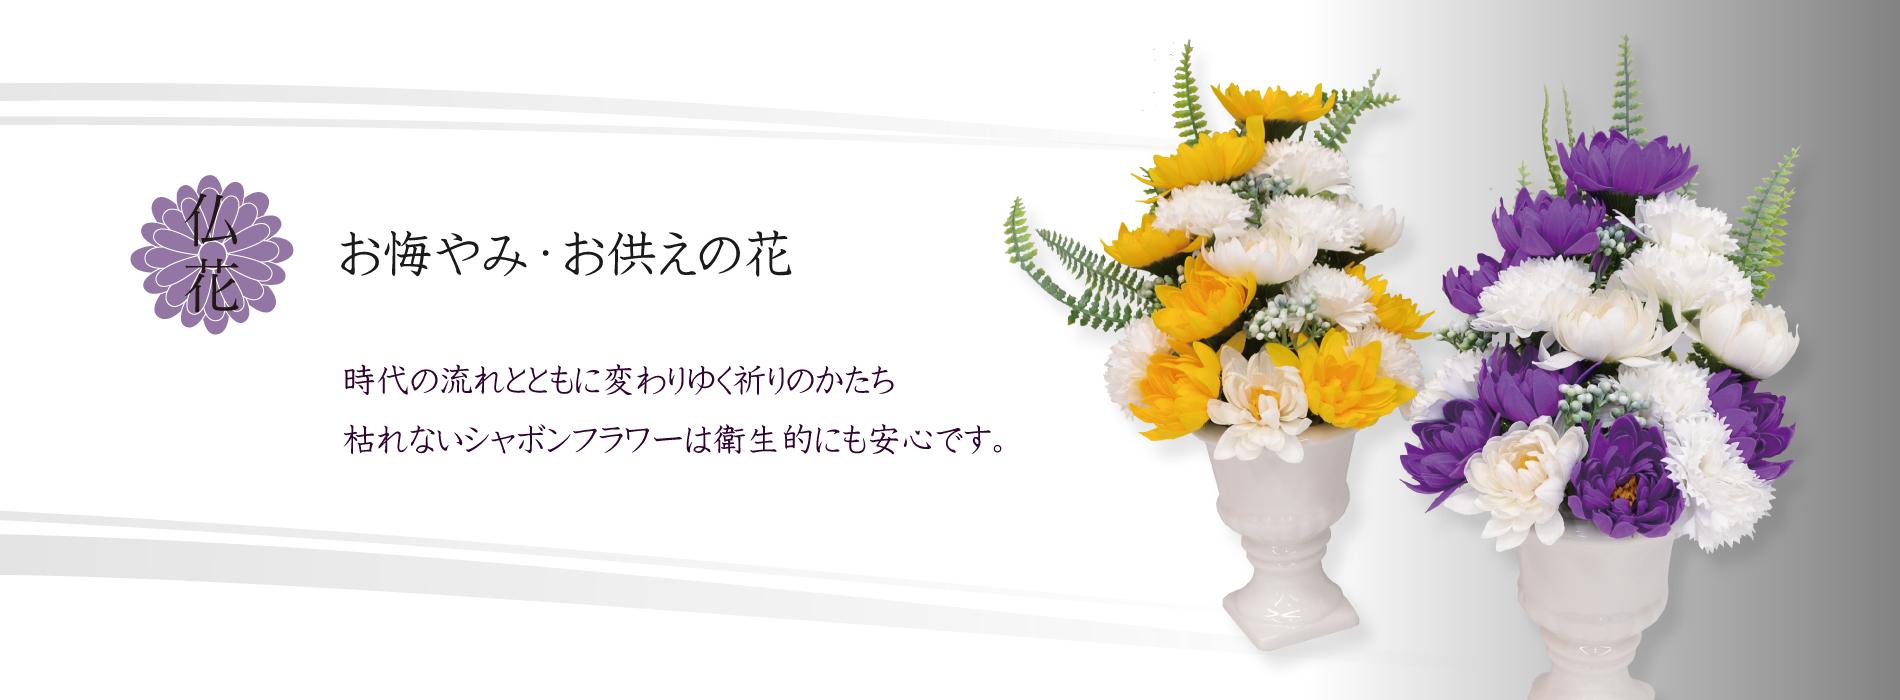 シャボンフラワー仏花